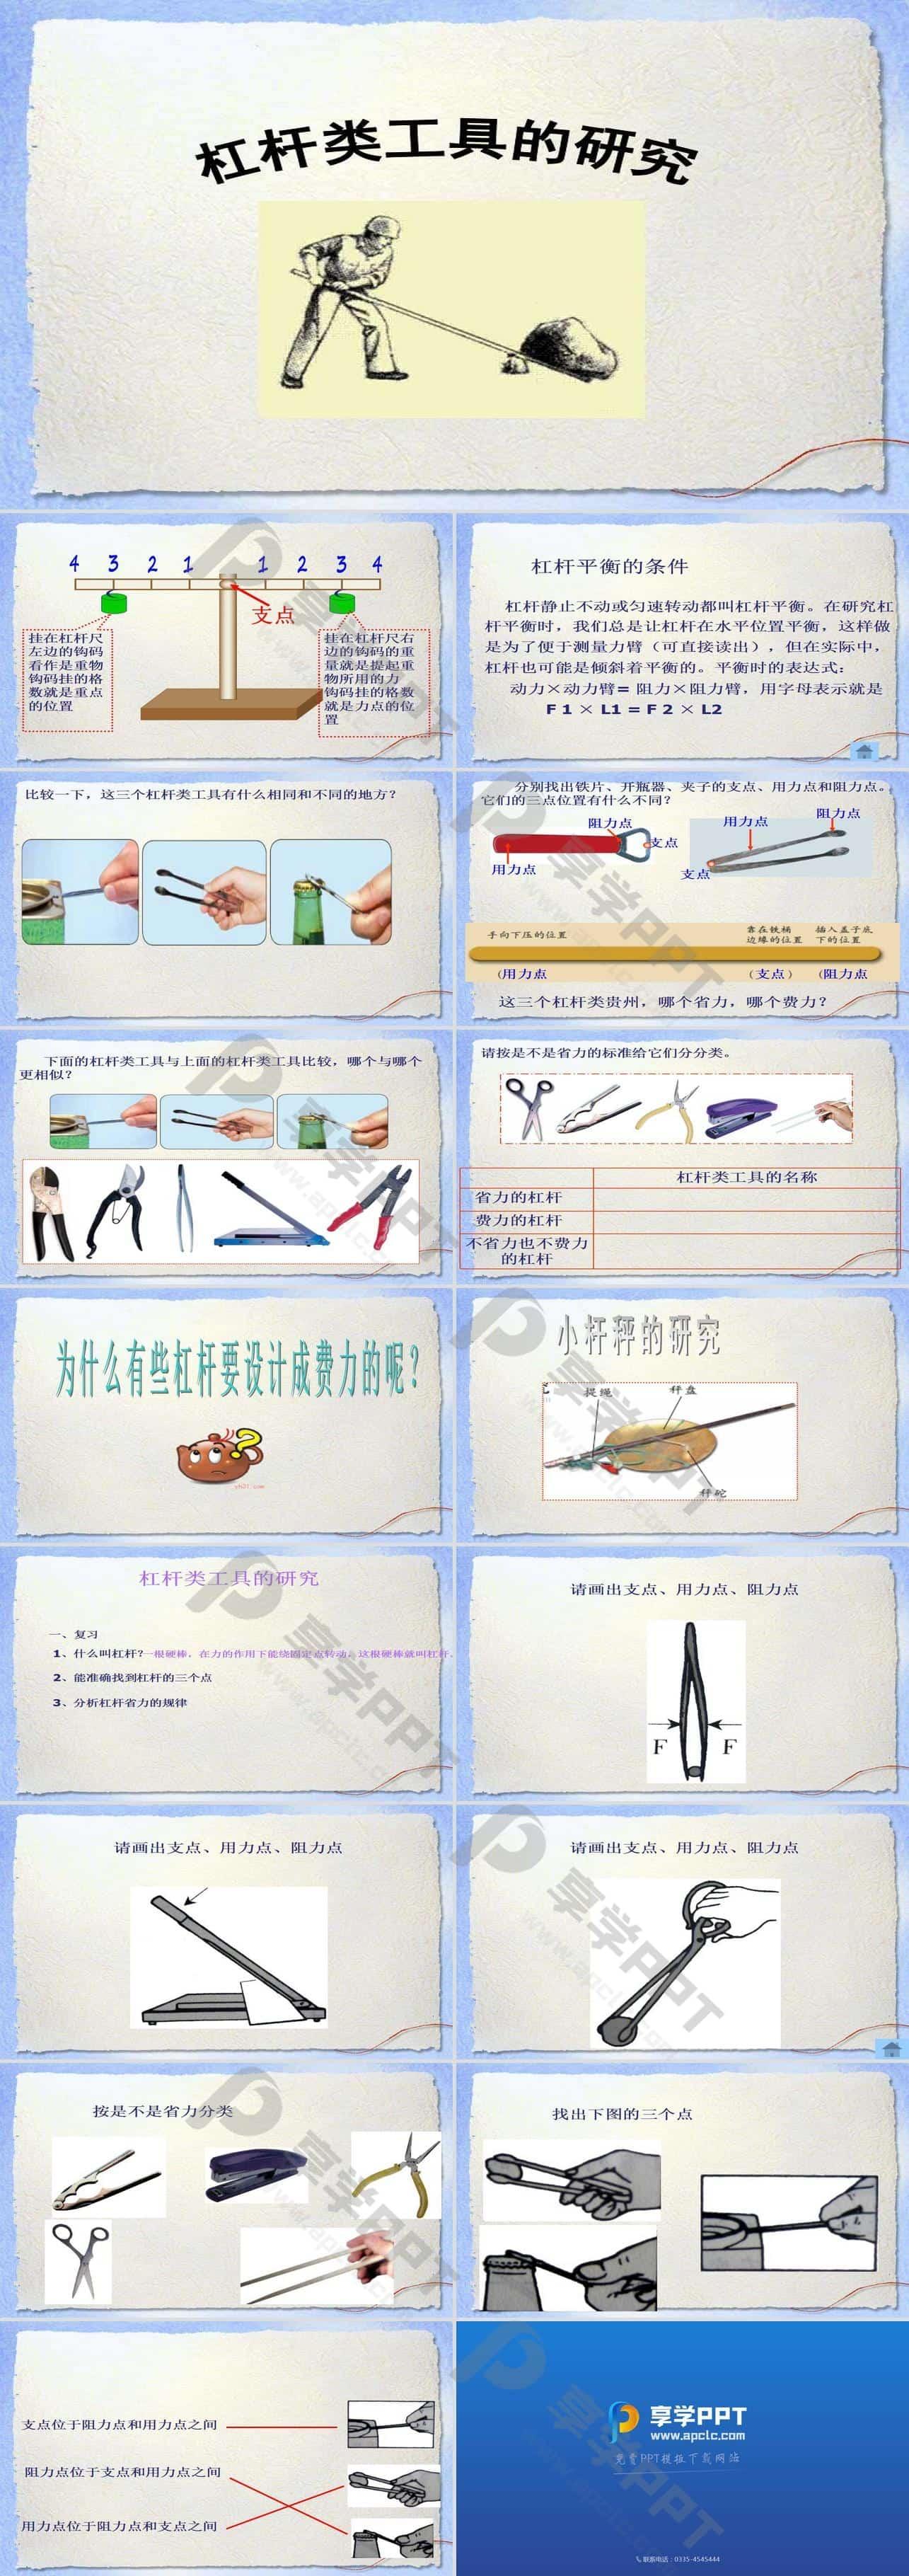 《杠杆类工具的研究》工具和机械PPT课件5长图